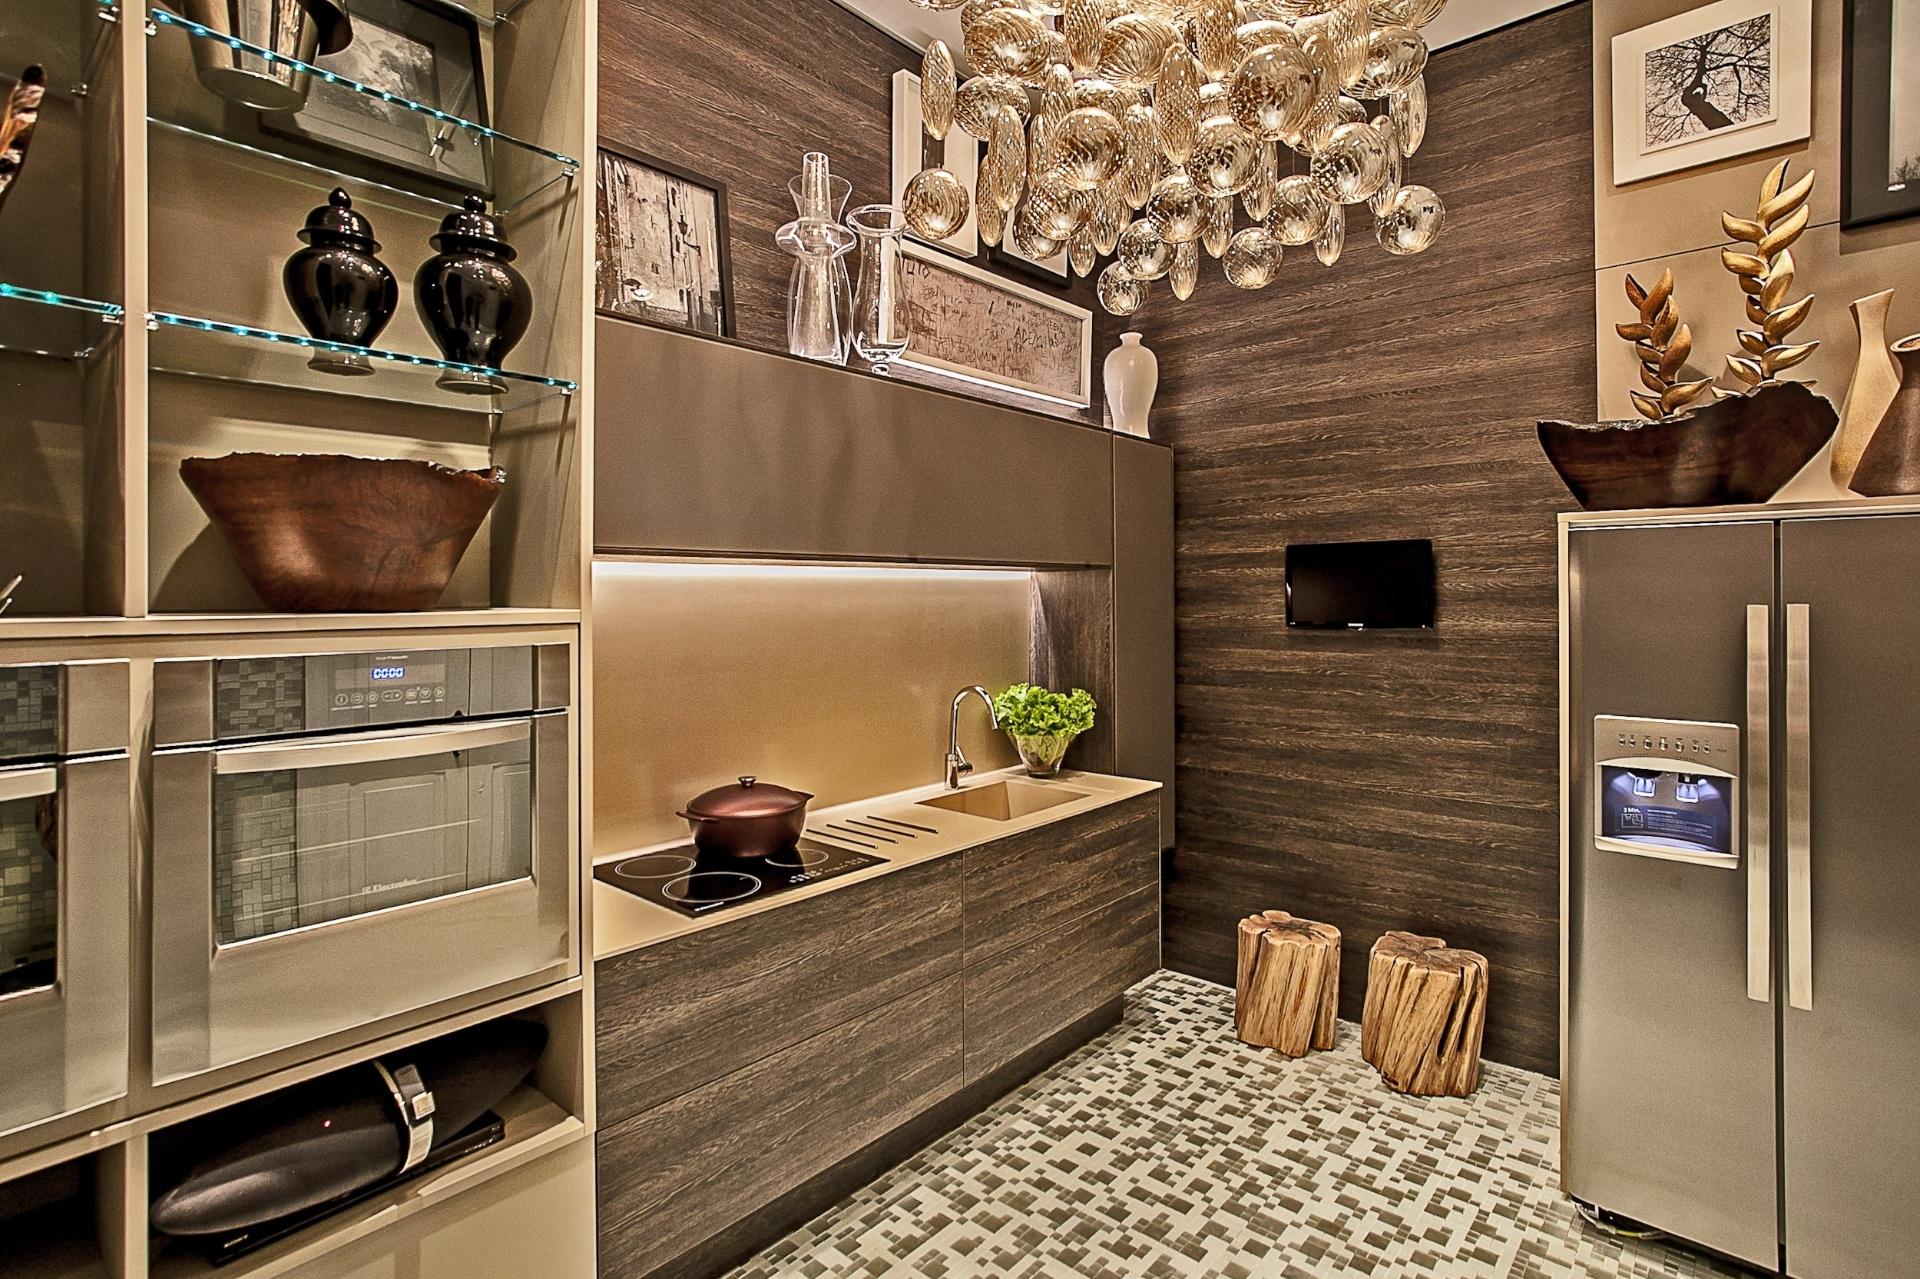 Os 22m²  da Cozinha e Lavanderia da Casa Cor PR foram criados pelo arquiteto Marcelo Lopes. No ambiente, destaque para o corin nos tampos, as pastilhas em parte das paredes e piso e os revestimentos amadeirados